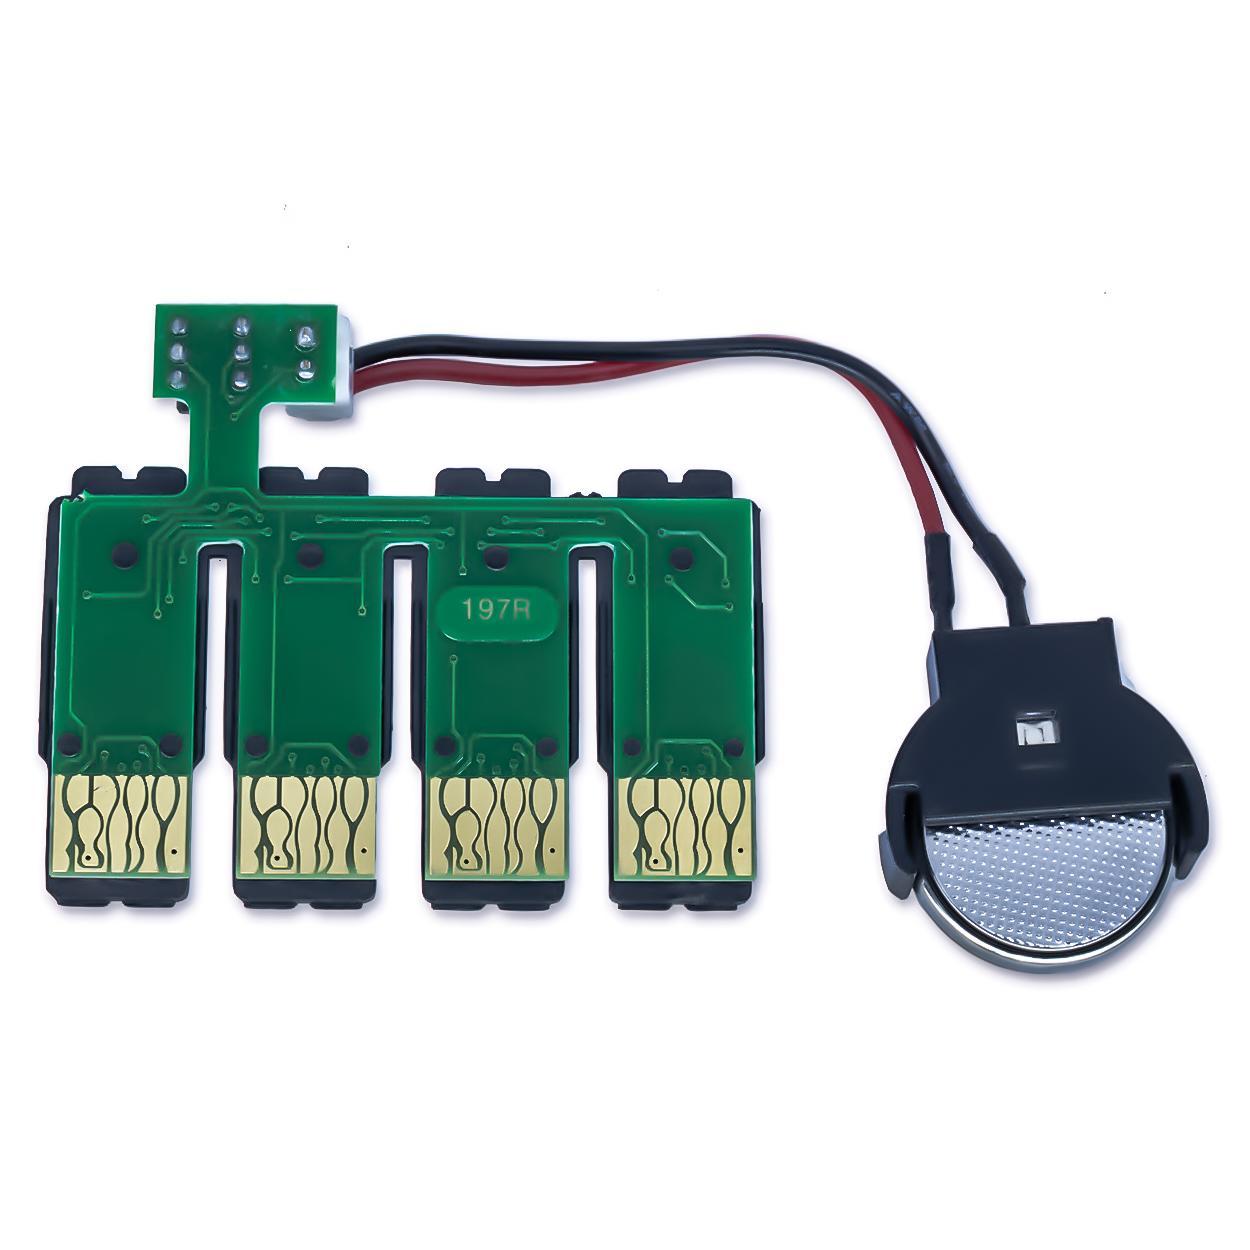 Placa Reset Chip Full para Bulk Ink EPSON XP-201, XP-204, XP-211, XP-214, XP-401 e XP-411 (197R-C) - Botão Reset (Com Bateria)